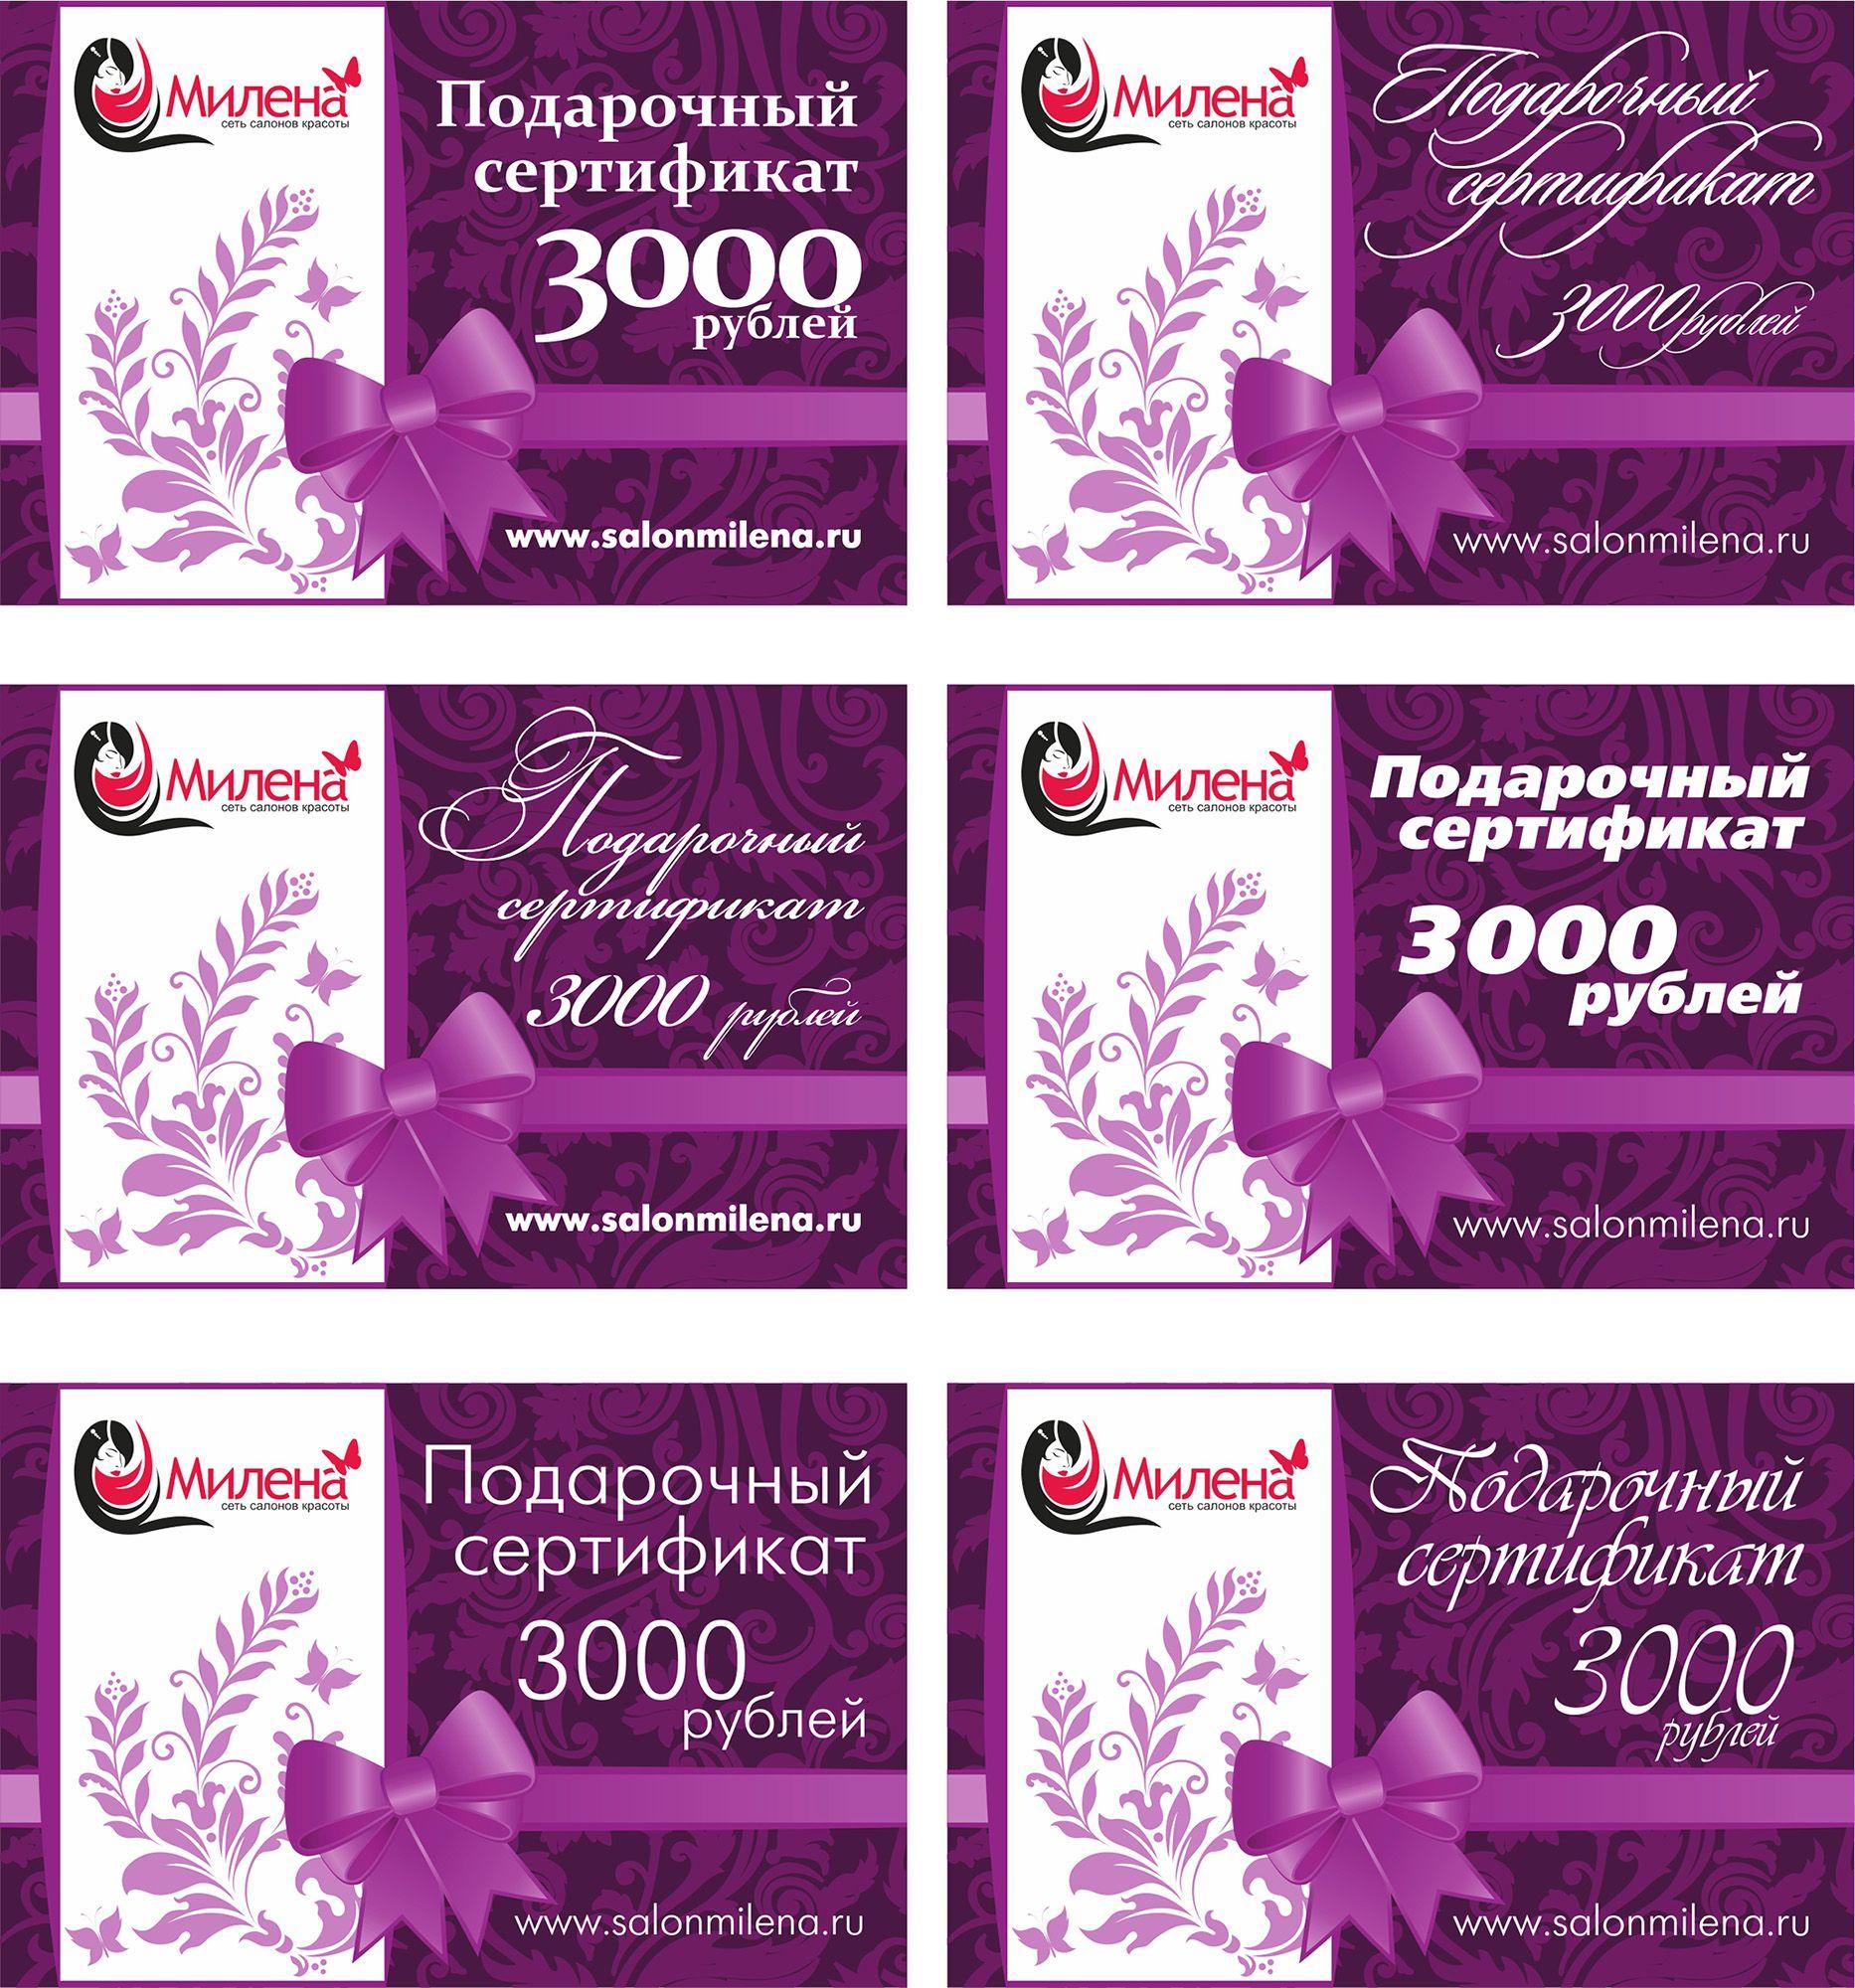 Подарочный сертификат для салона красоты - дизайнер AlexSh1978